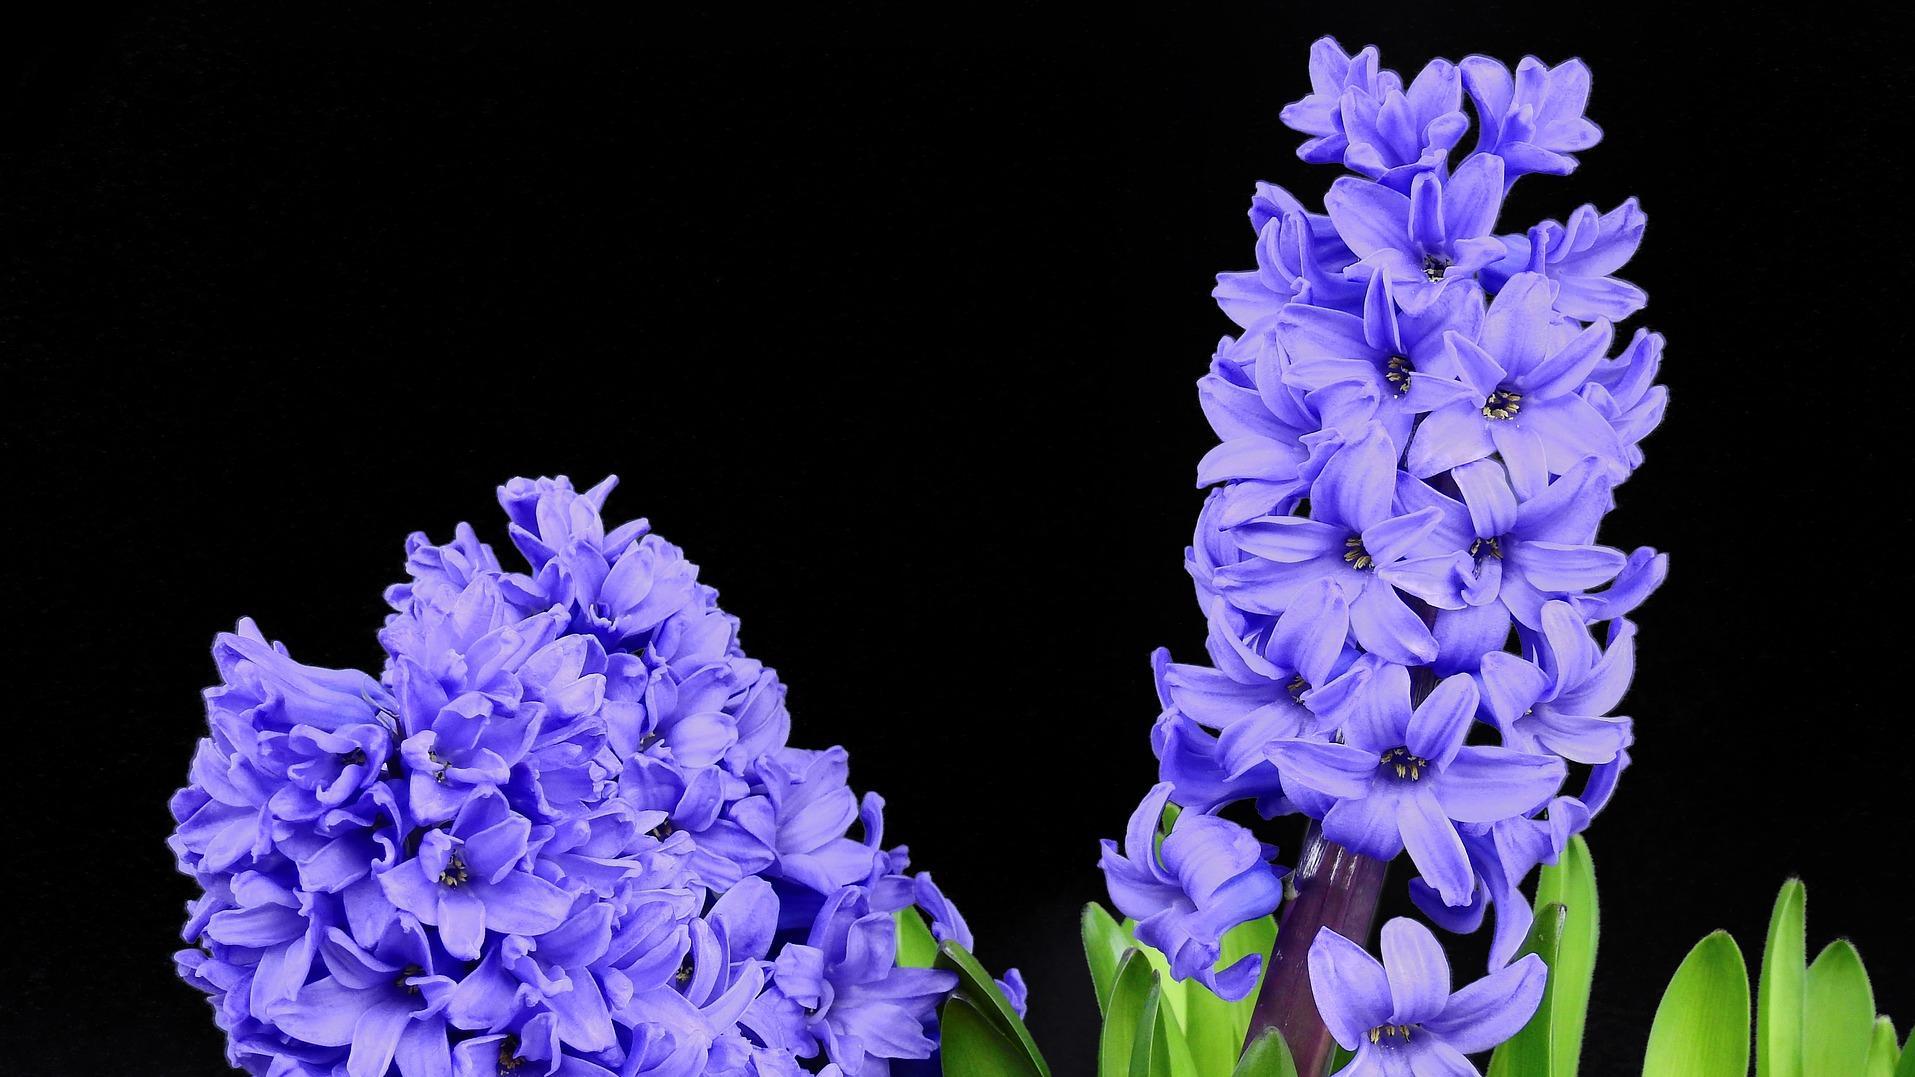 Hyazinthen drücken oft Zuneigung aus, auch in der christlichen Kirche hat die Blume jedoch eine Bedeutung.